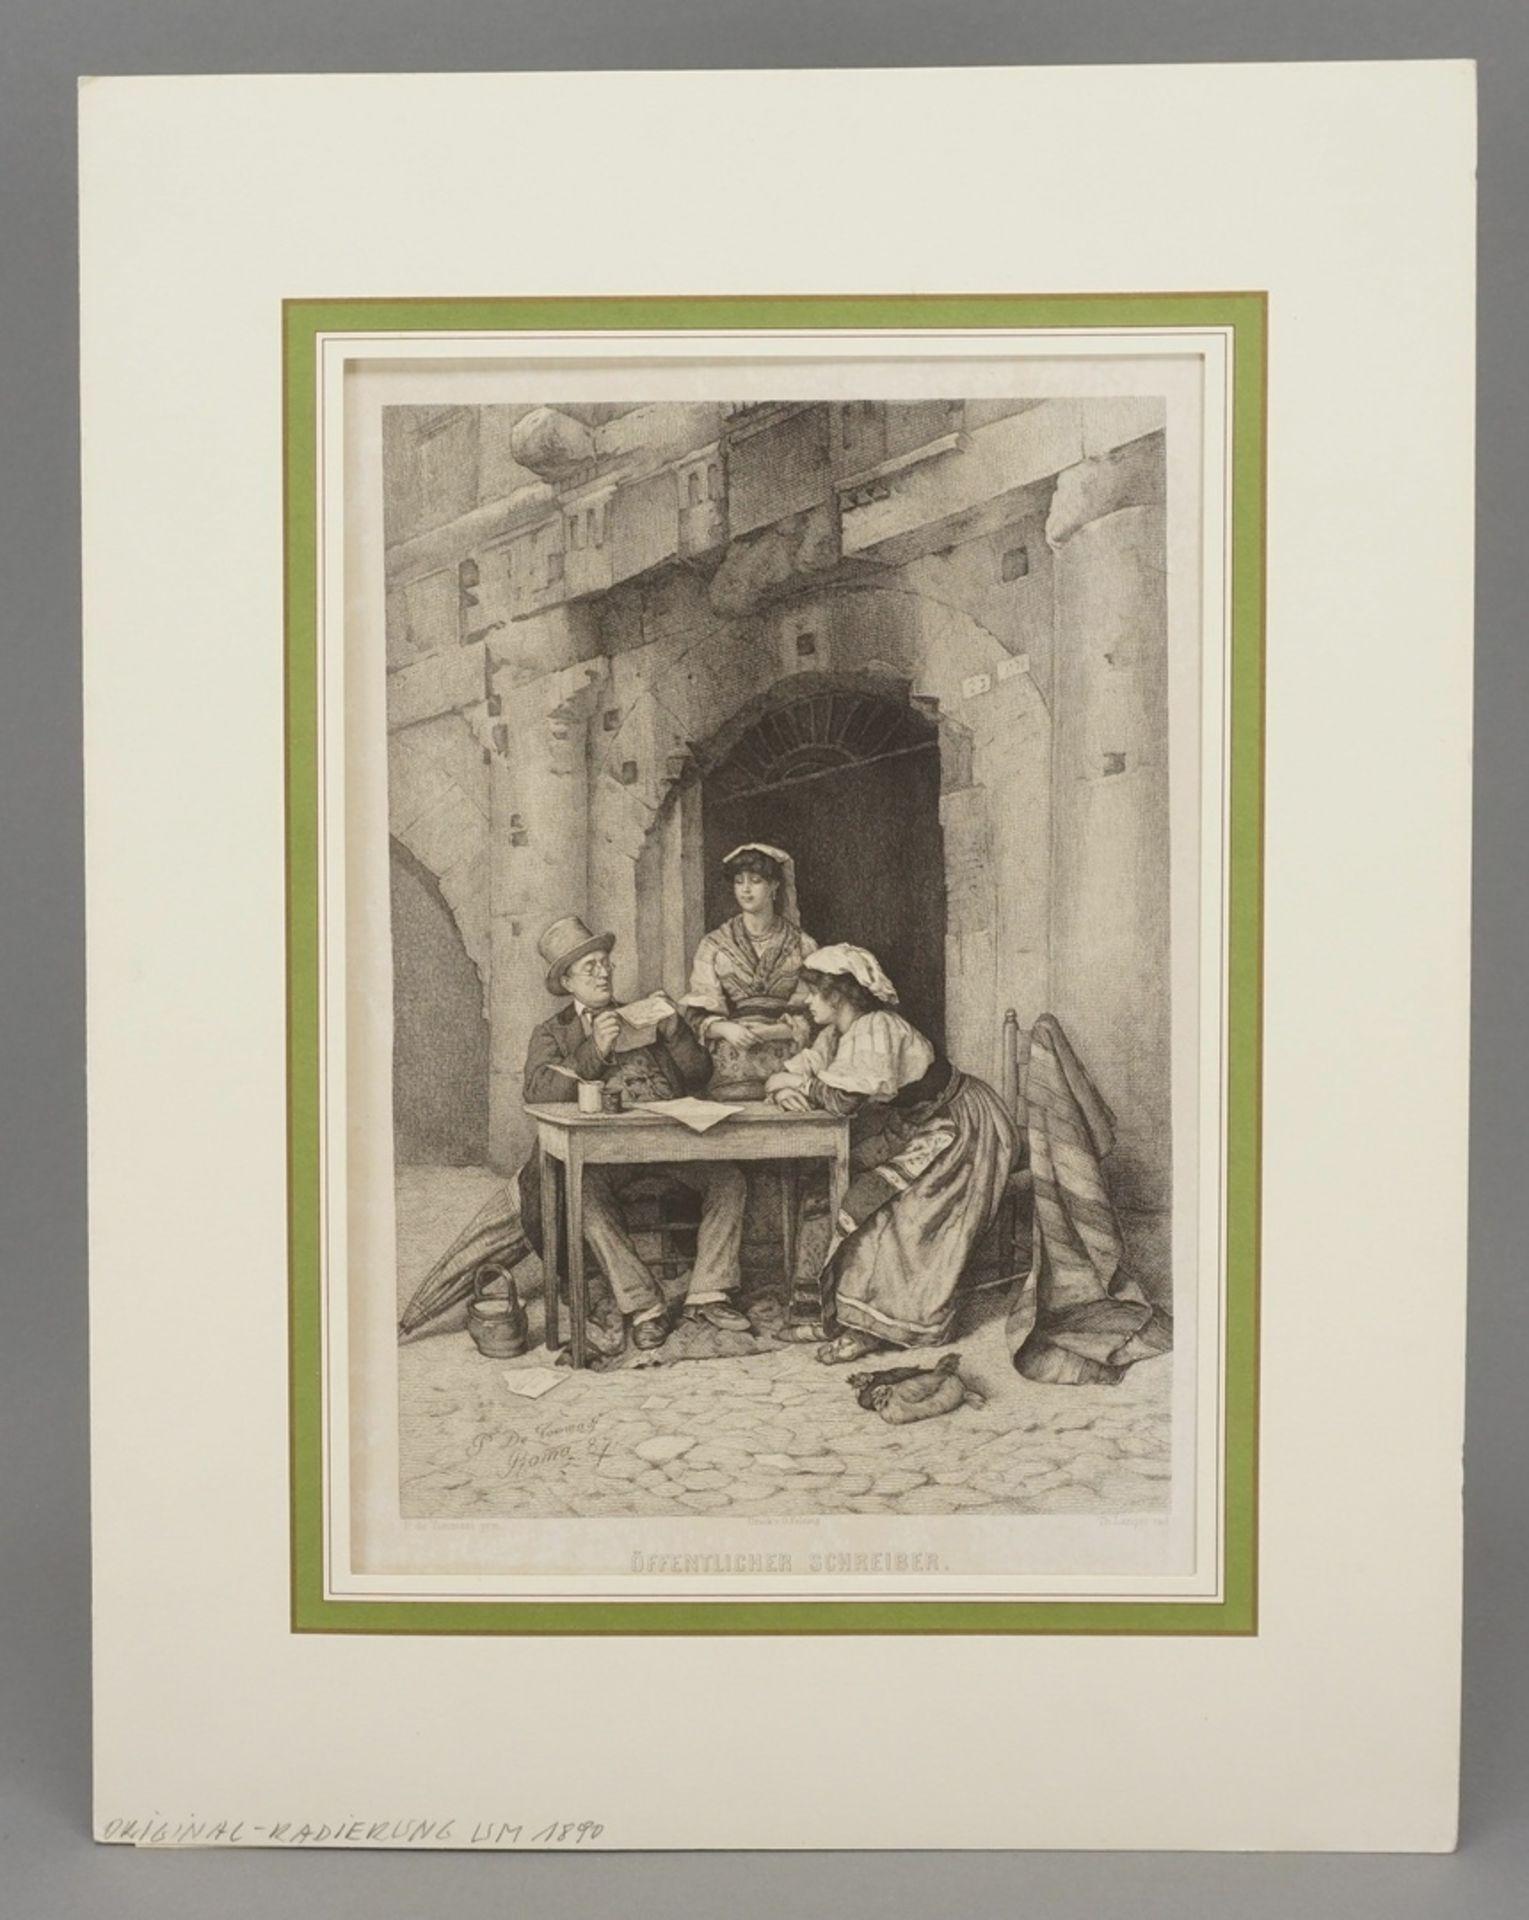 """Publio de Tommasi, """"Öffentlicher Schreiber"""" - Bild 2 aus 3"""